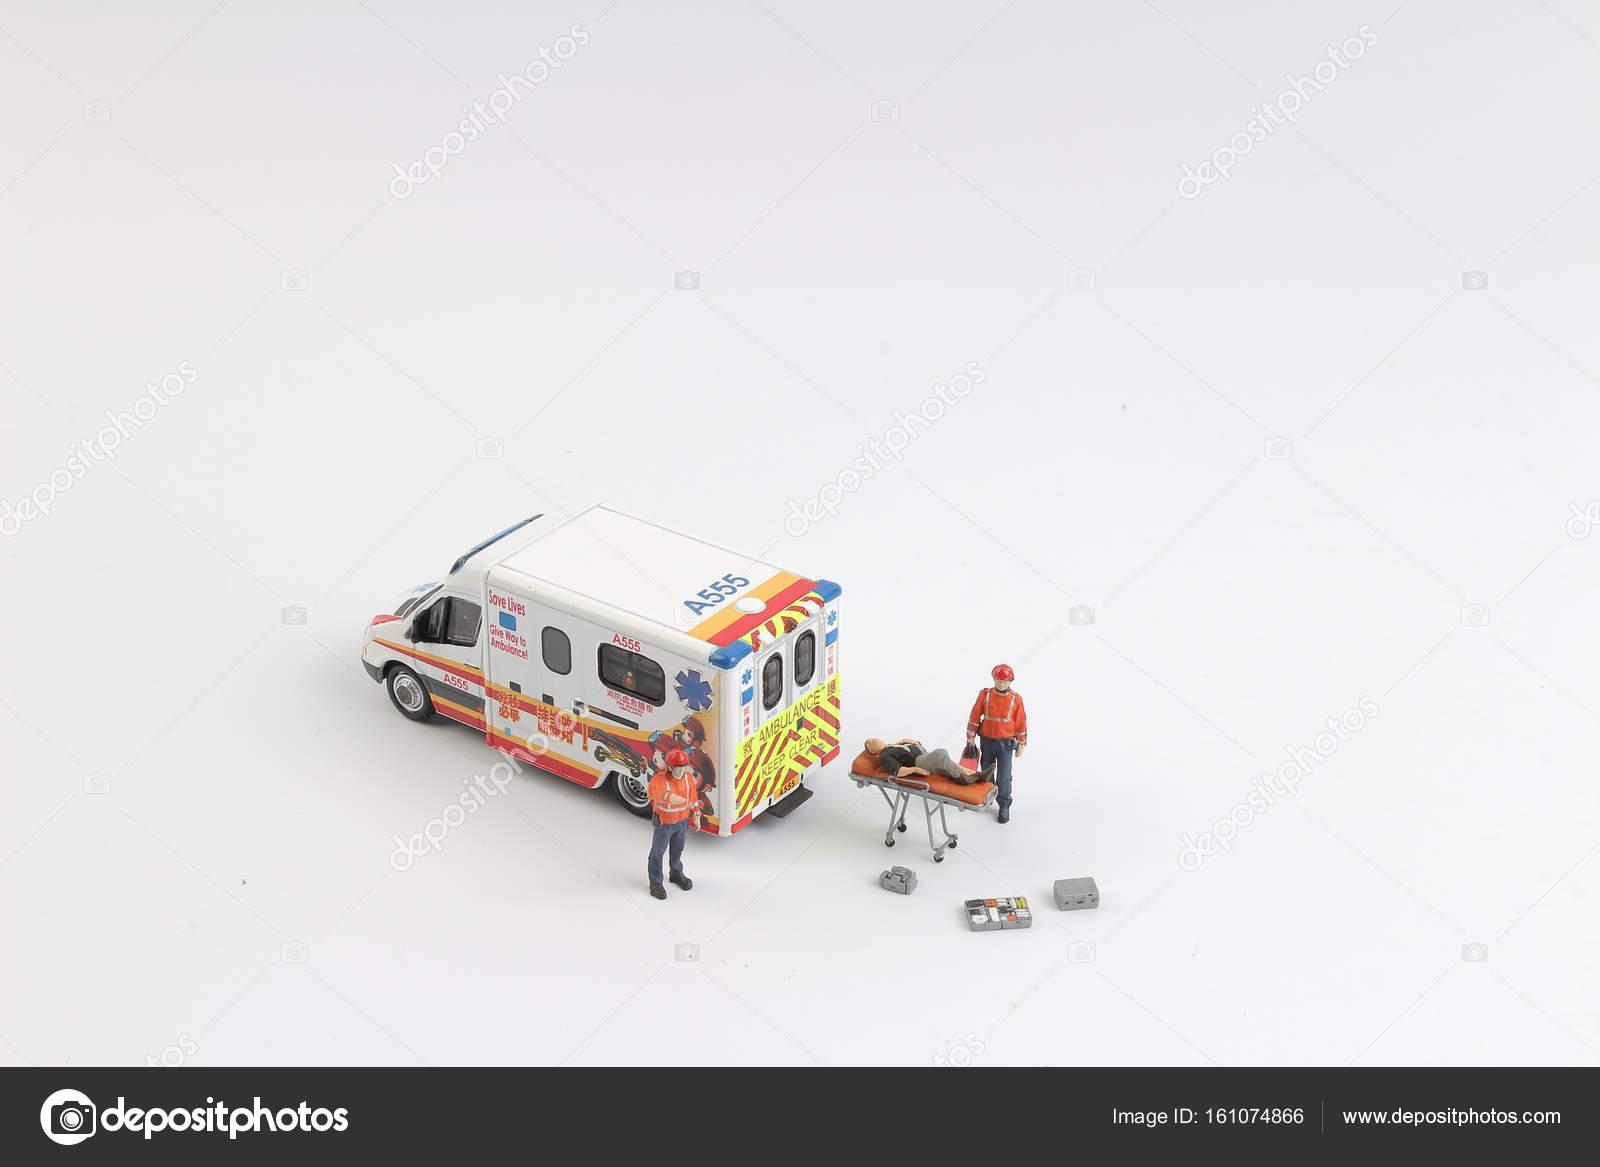 Et Jouet Les Infirmiers Ambulance Comme Voiture De 4j3ARL5q